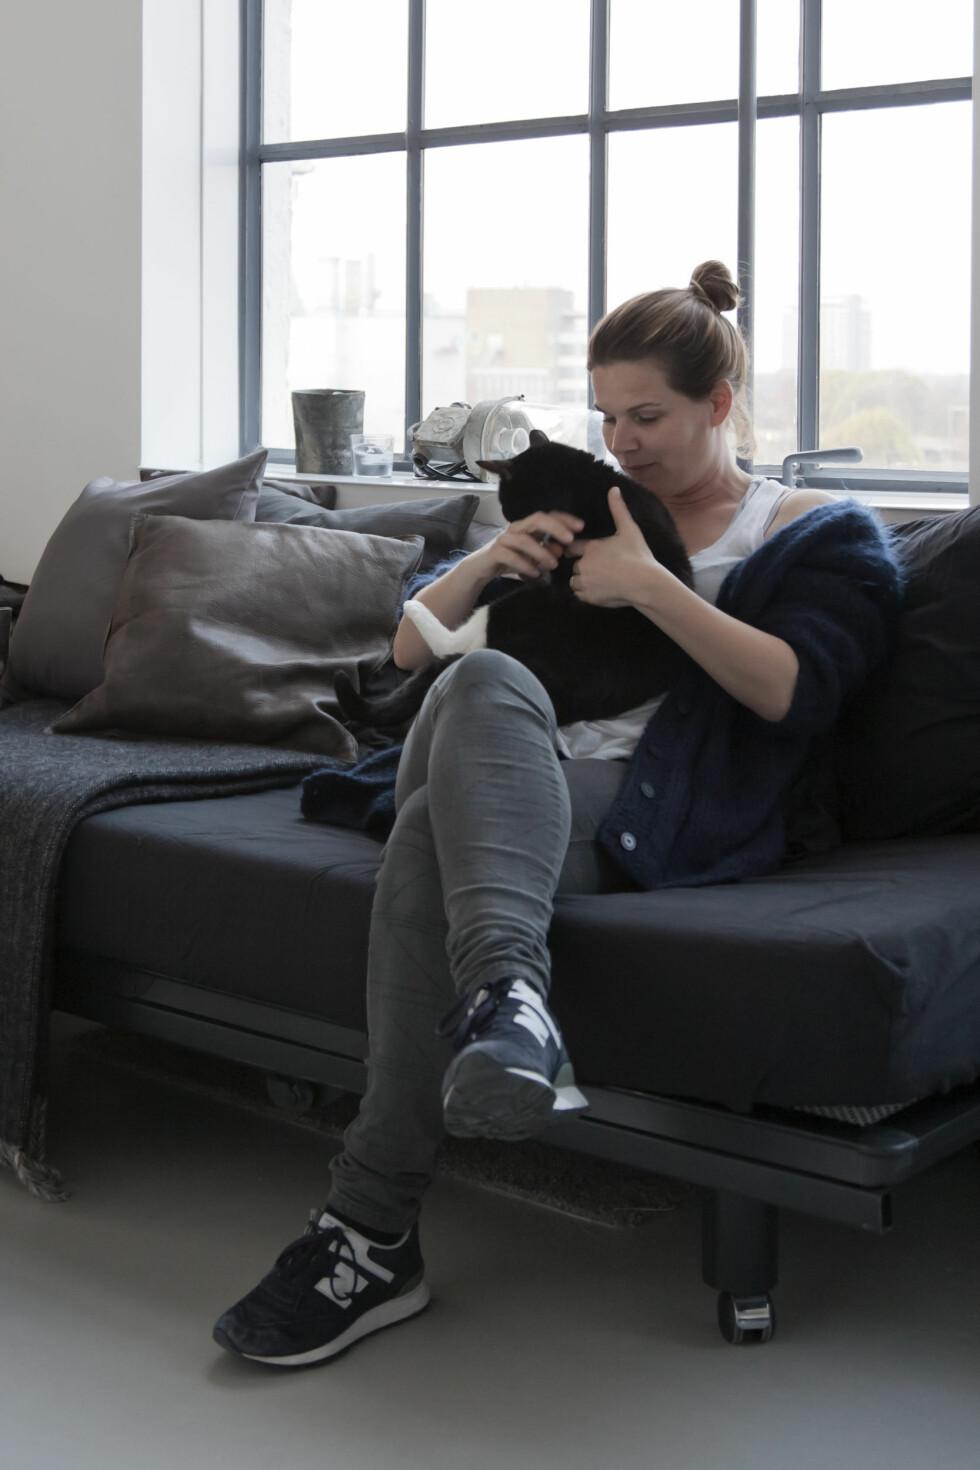 INTERIØRSTYLIST: Renee Arns jobber som stylist i Nederland og har innredet flere industriloft for kunder.  Foto: Raul Candales Franch/IDECORimages.com